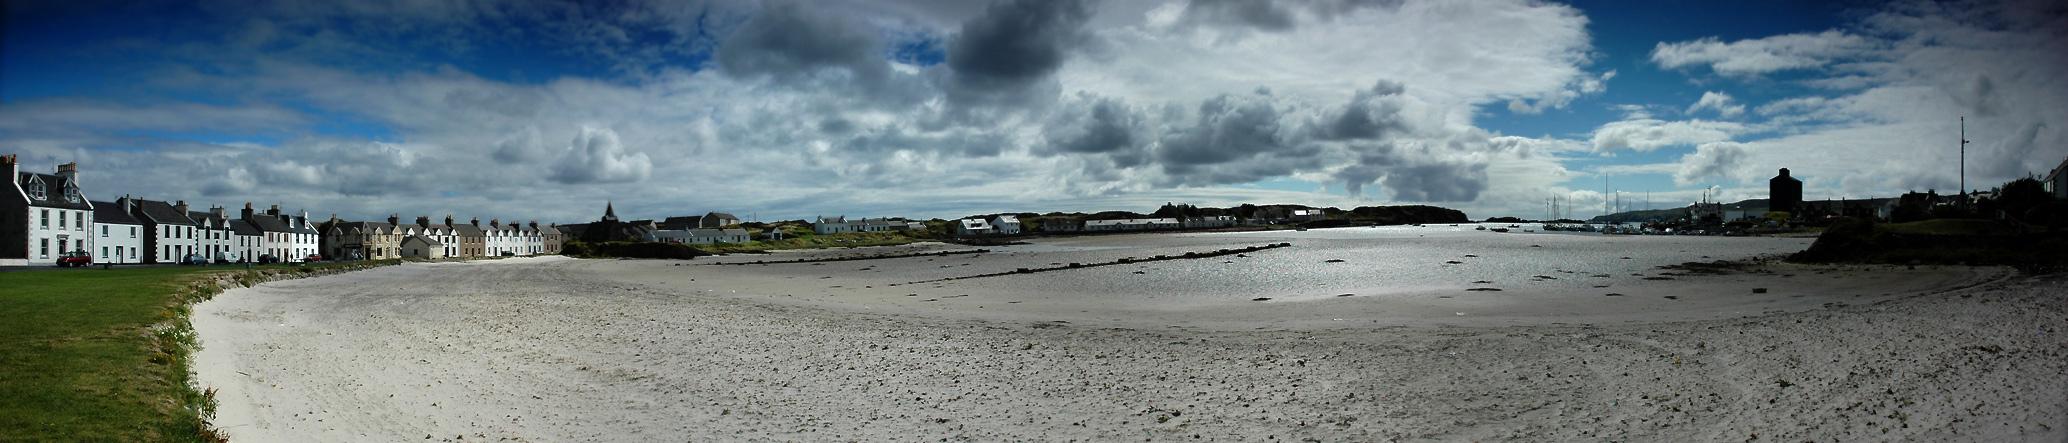 Strand+Hafen von Port Ellen Isle of Islay - im Gegenlicht